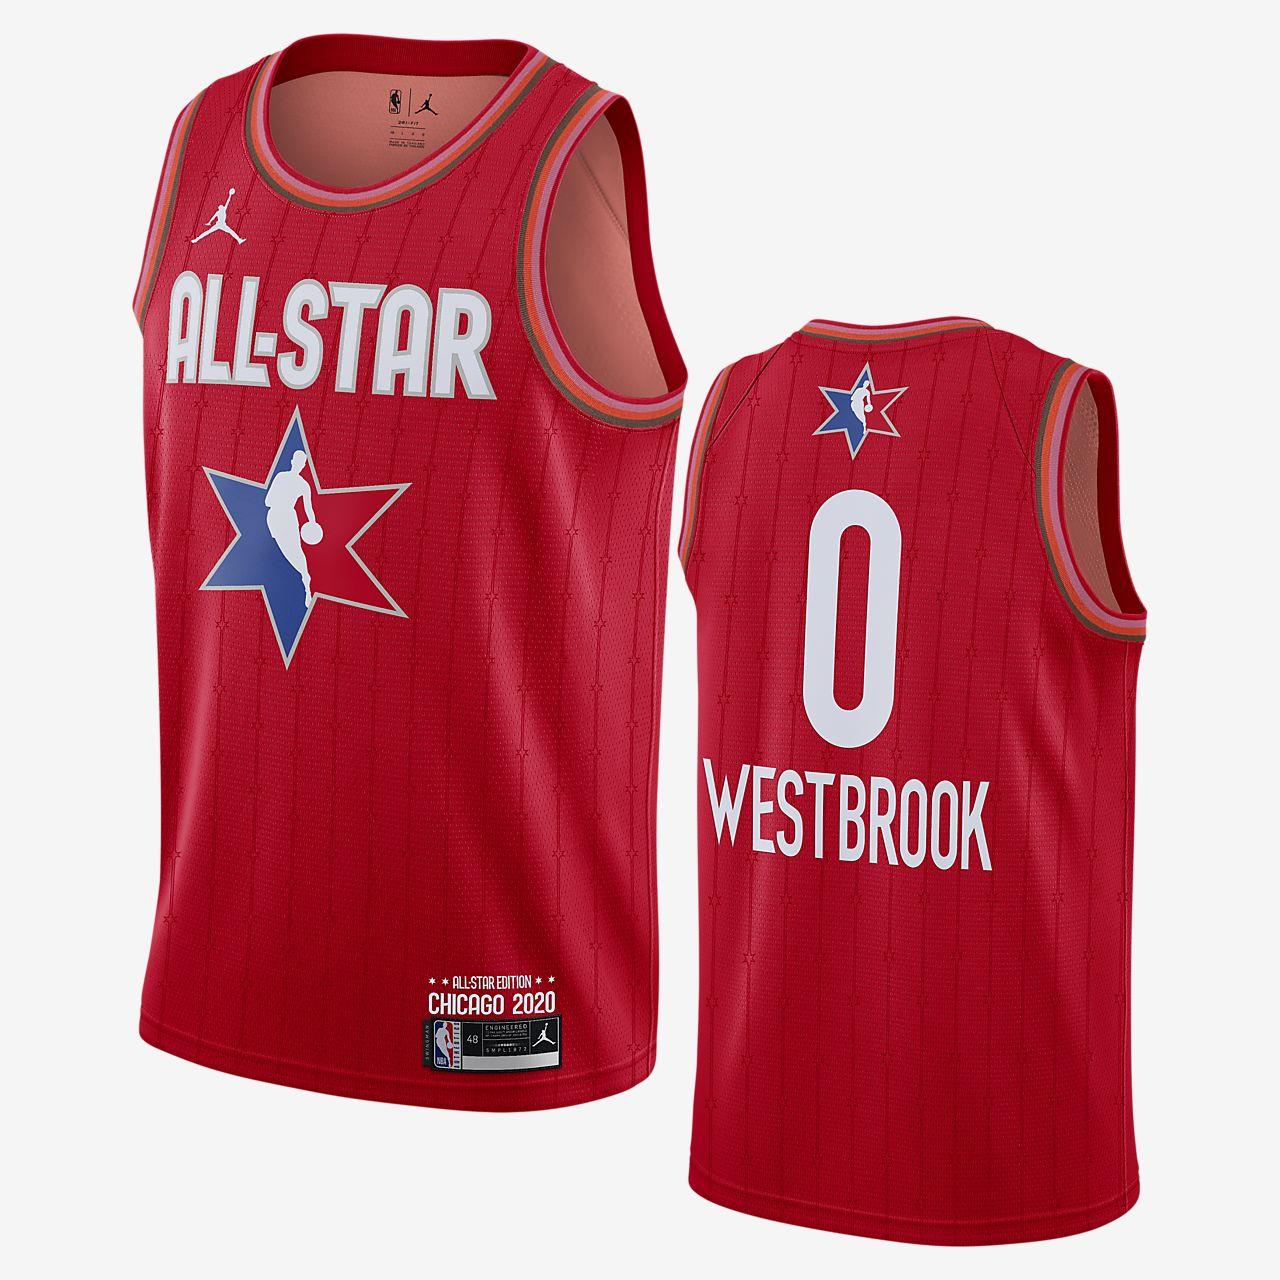 Russell Westbrook All-Star Jordan NBA Swingman Jersey